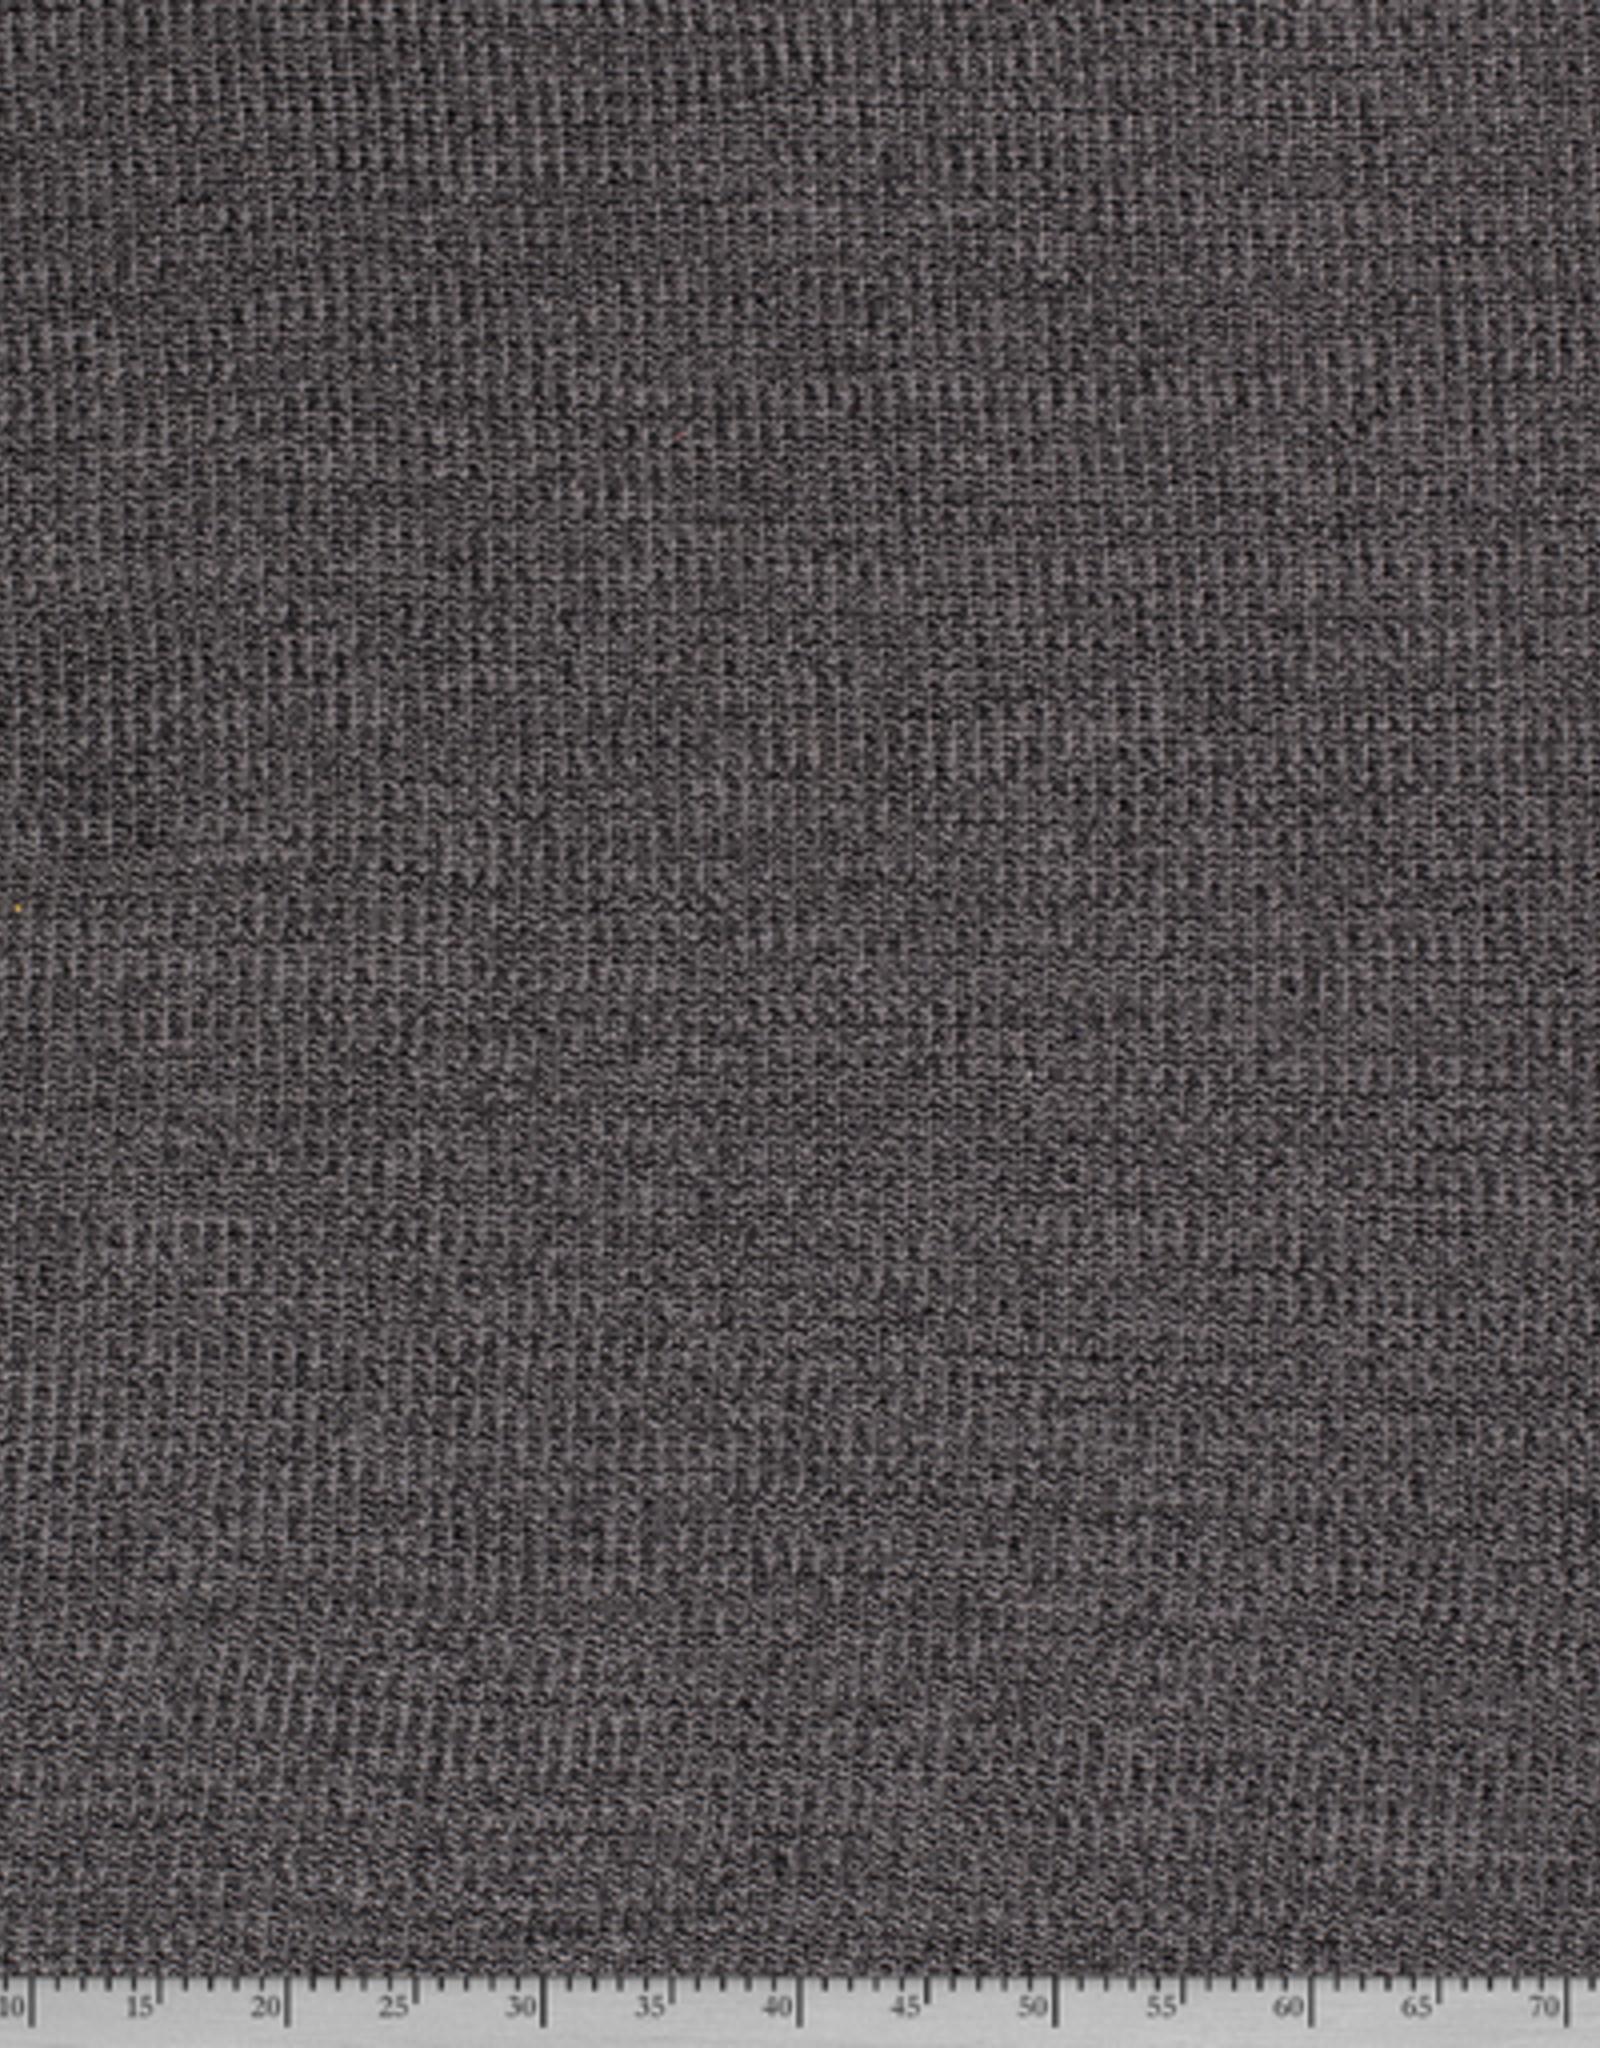 Nooteboom Katoen breisel met kabel mélange grijs/antraciet